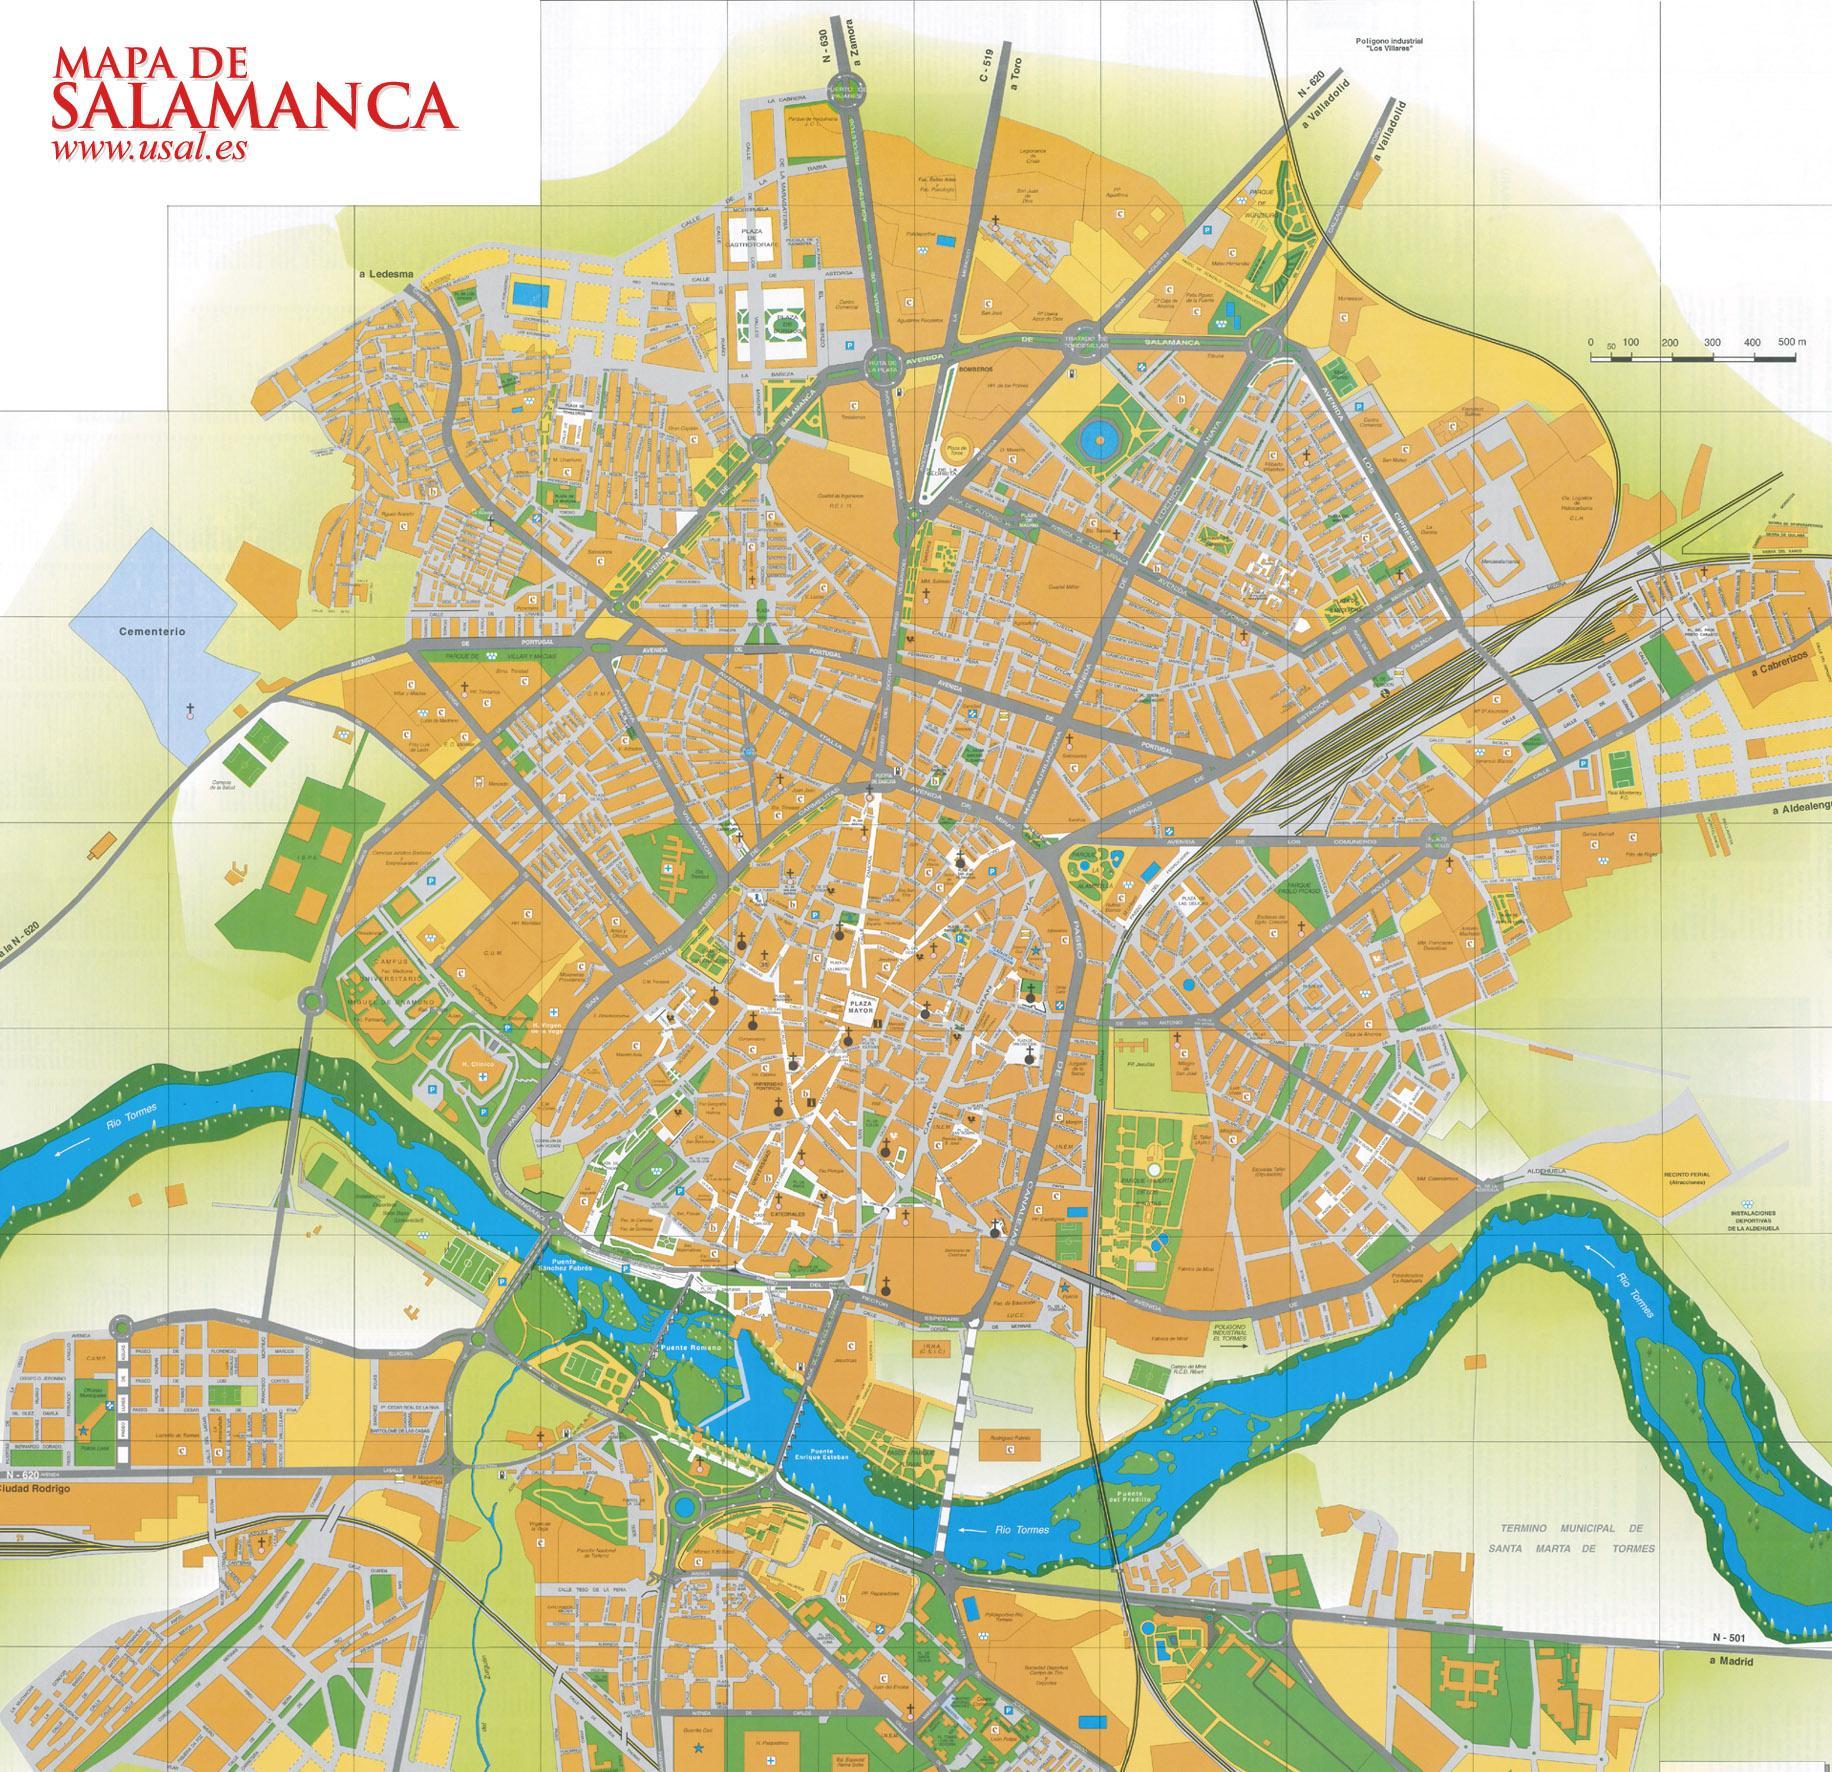 37001 c digo postal de salamanca for Codigo postal calle salamanca valencia